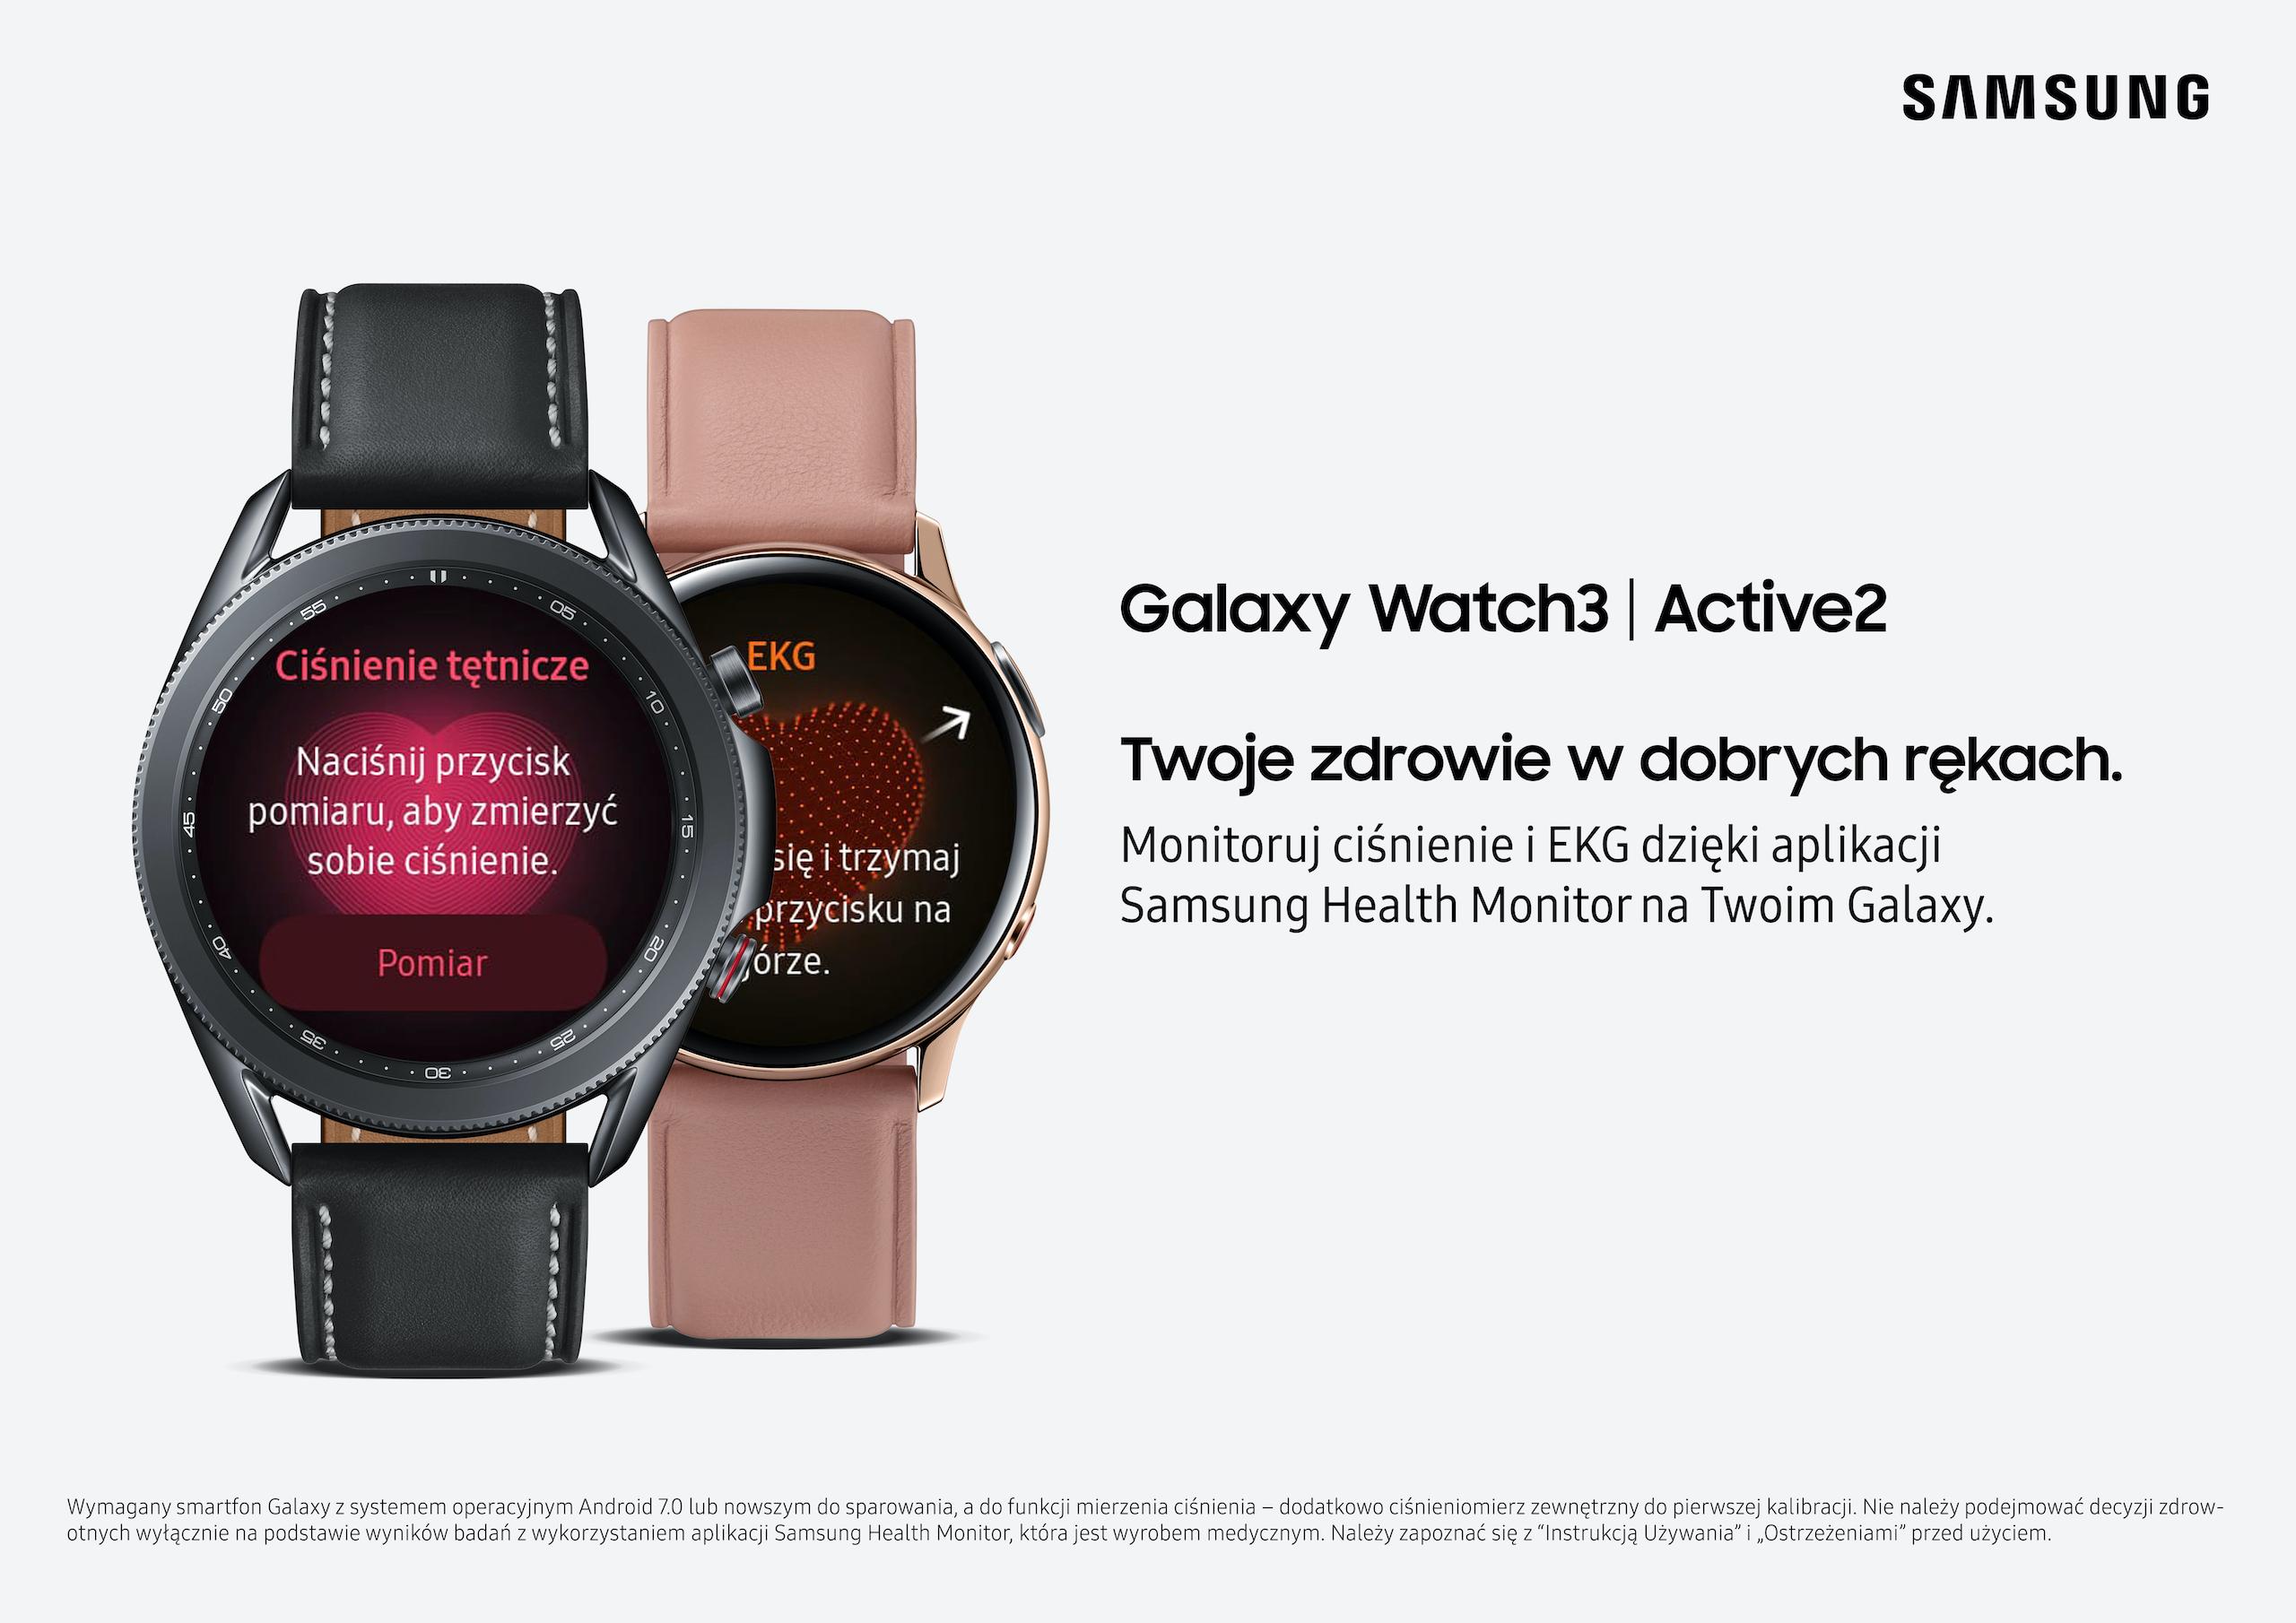 Aplikacja Samsung Health Monitor już dostępna na wybranych urządzeniach Samsung Galaxy